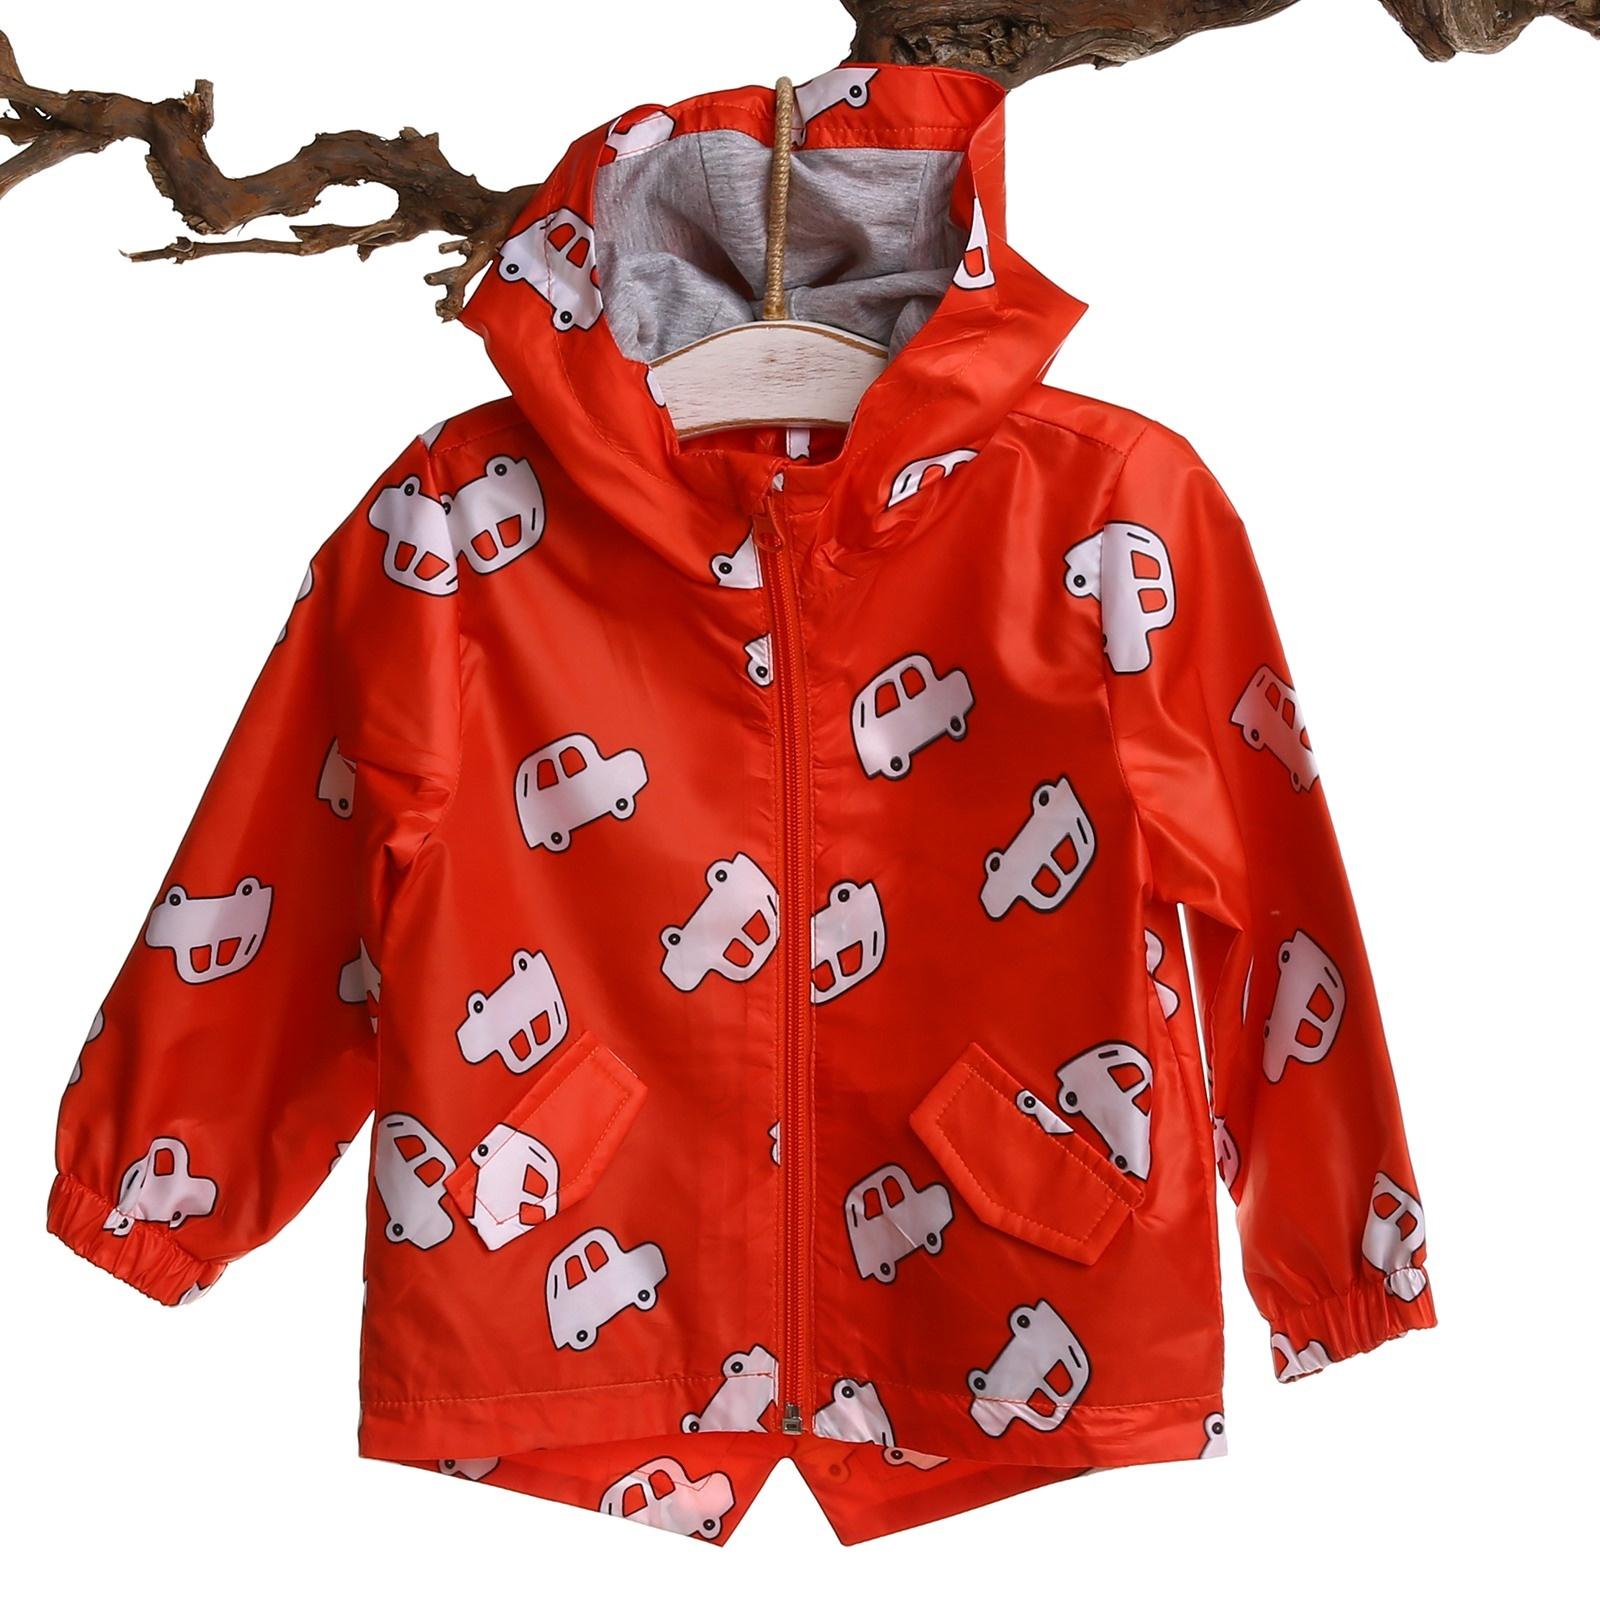 fb4a46326 Verscon Car Ptrinted Baby Boy Rain Coat